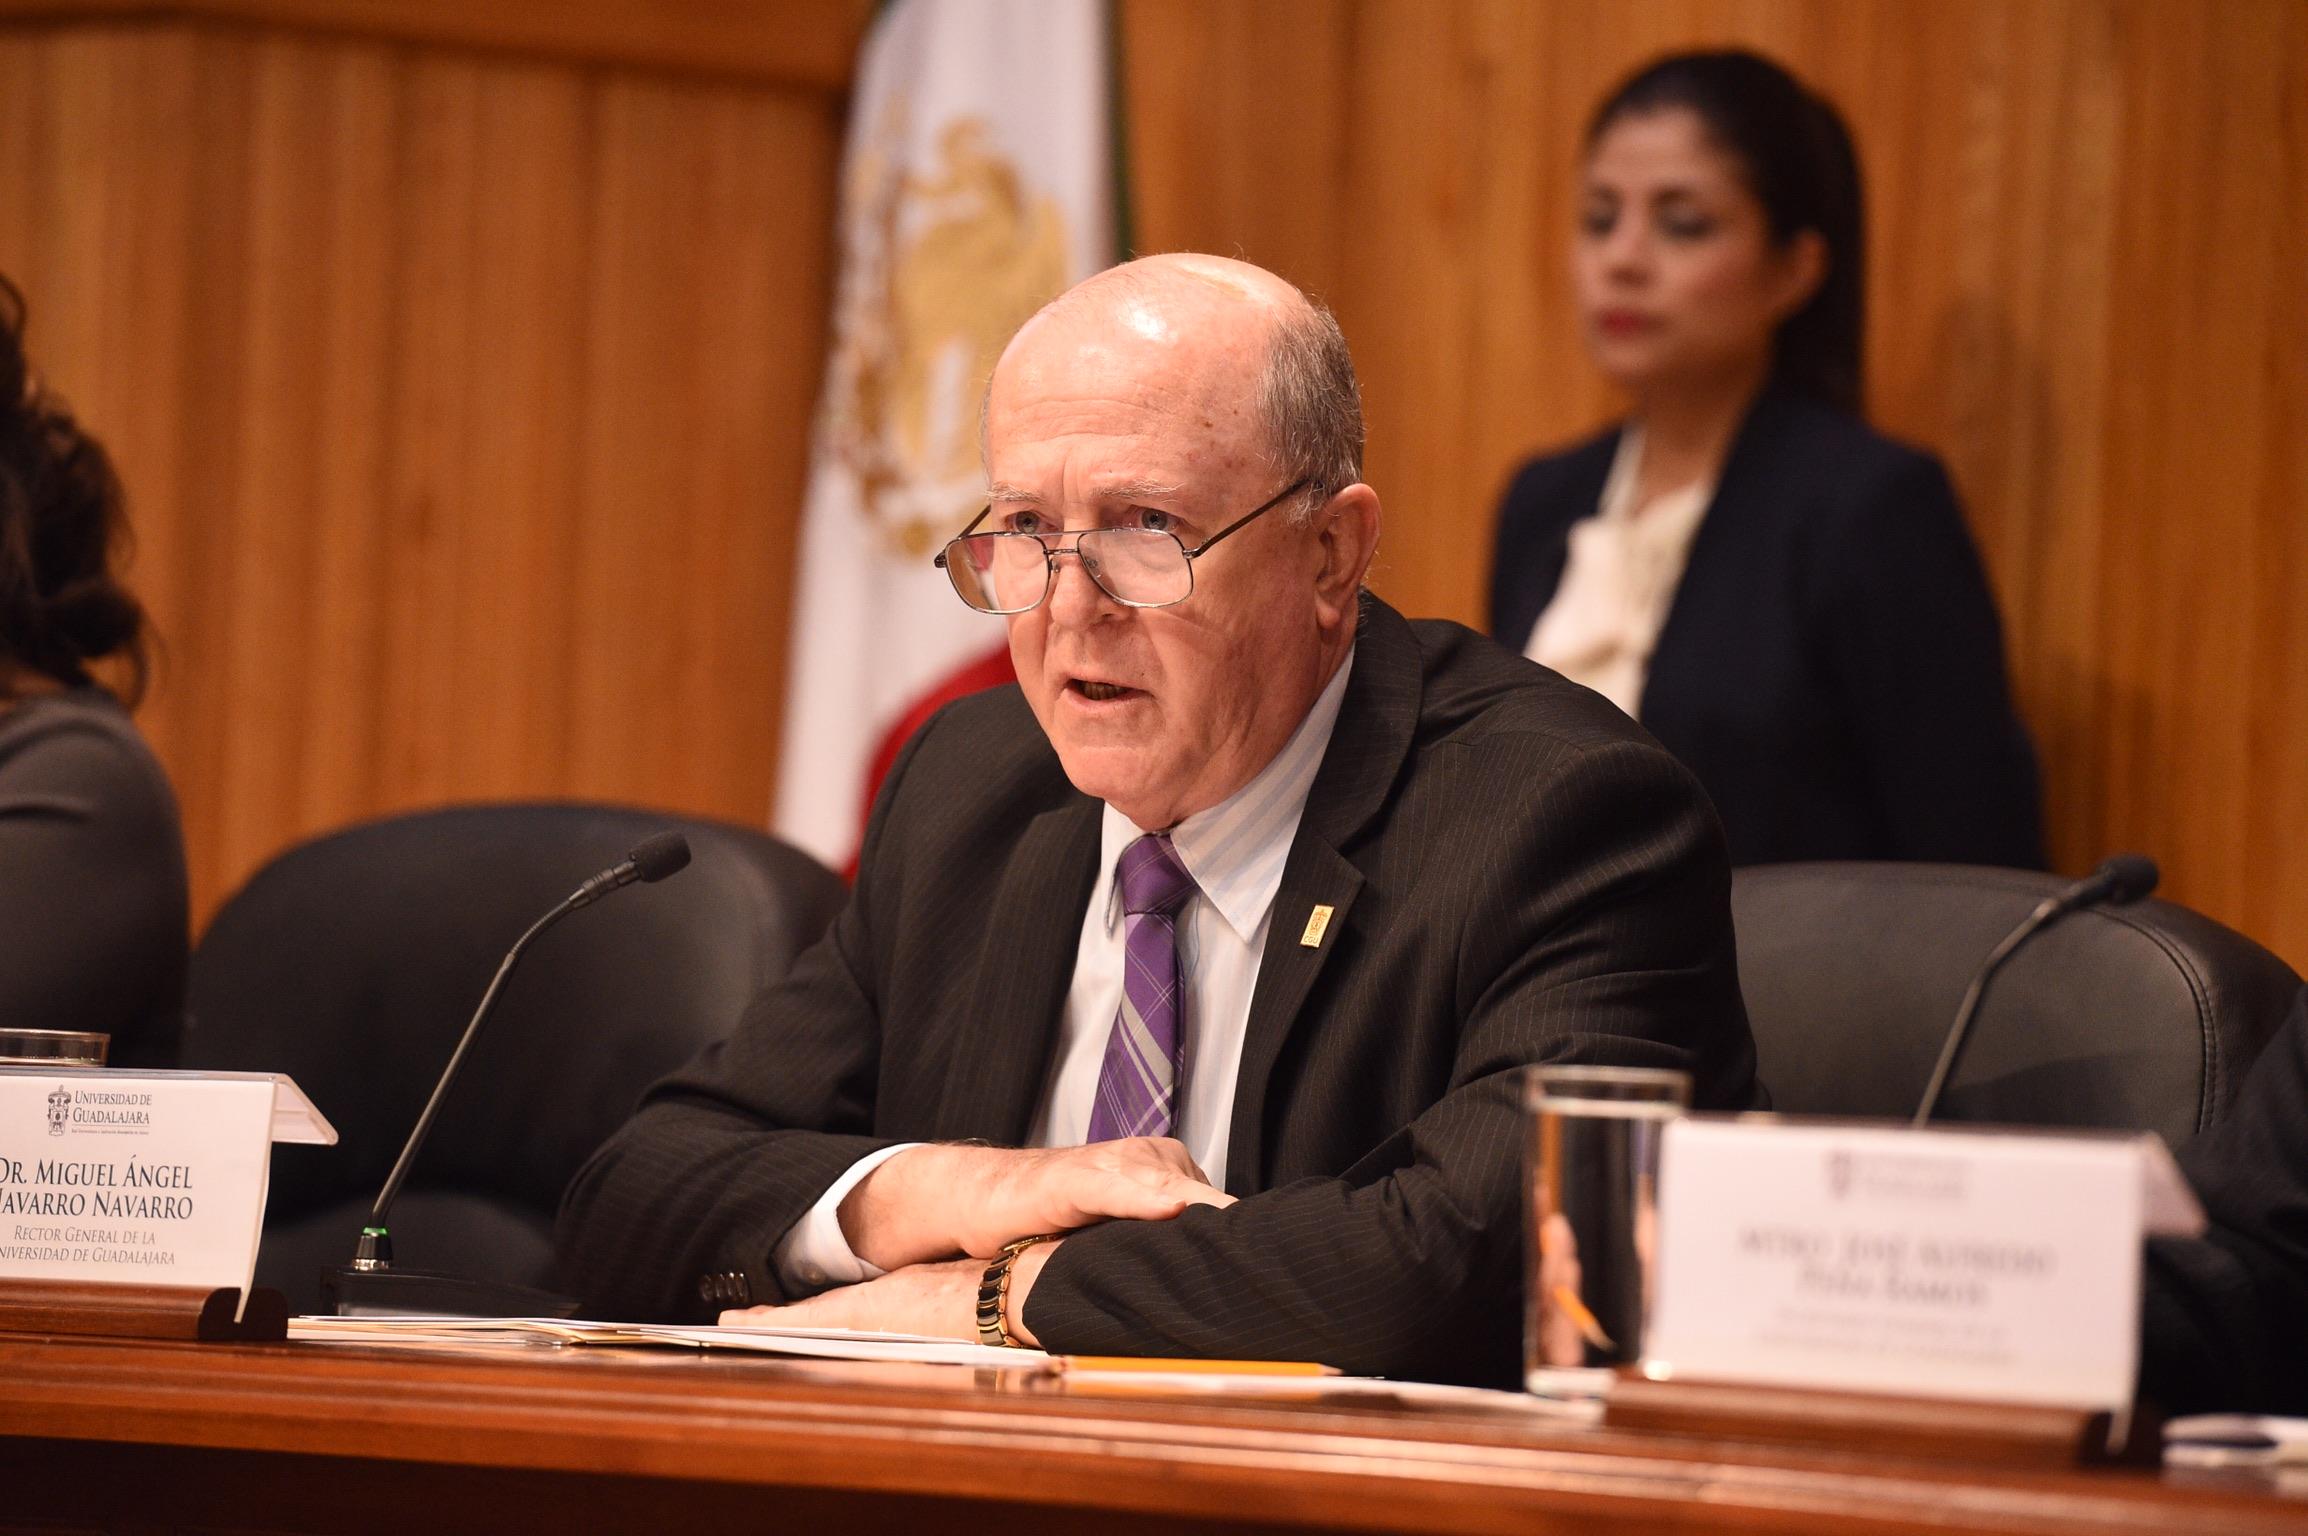 El Dr. Miguel Angel Navarro dirigiendose desde la mesa de presidium a toda la asamblea